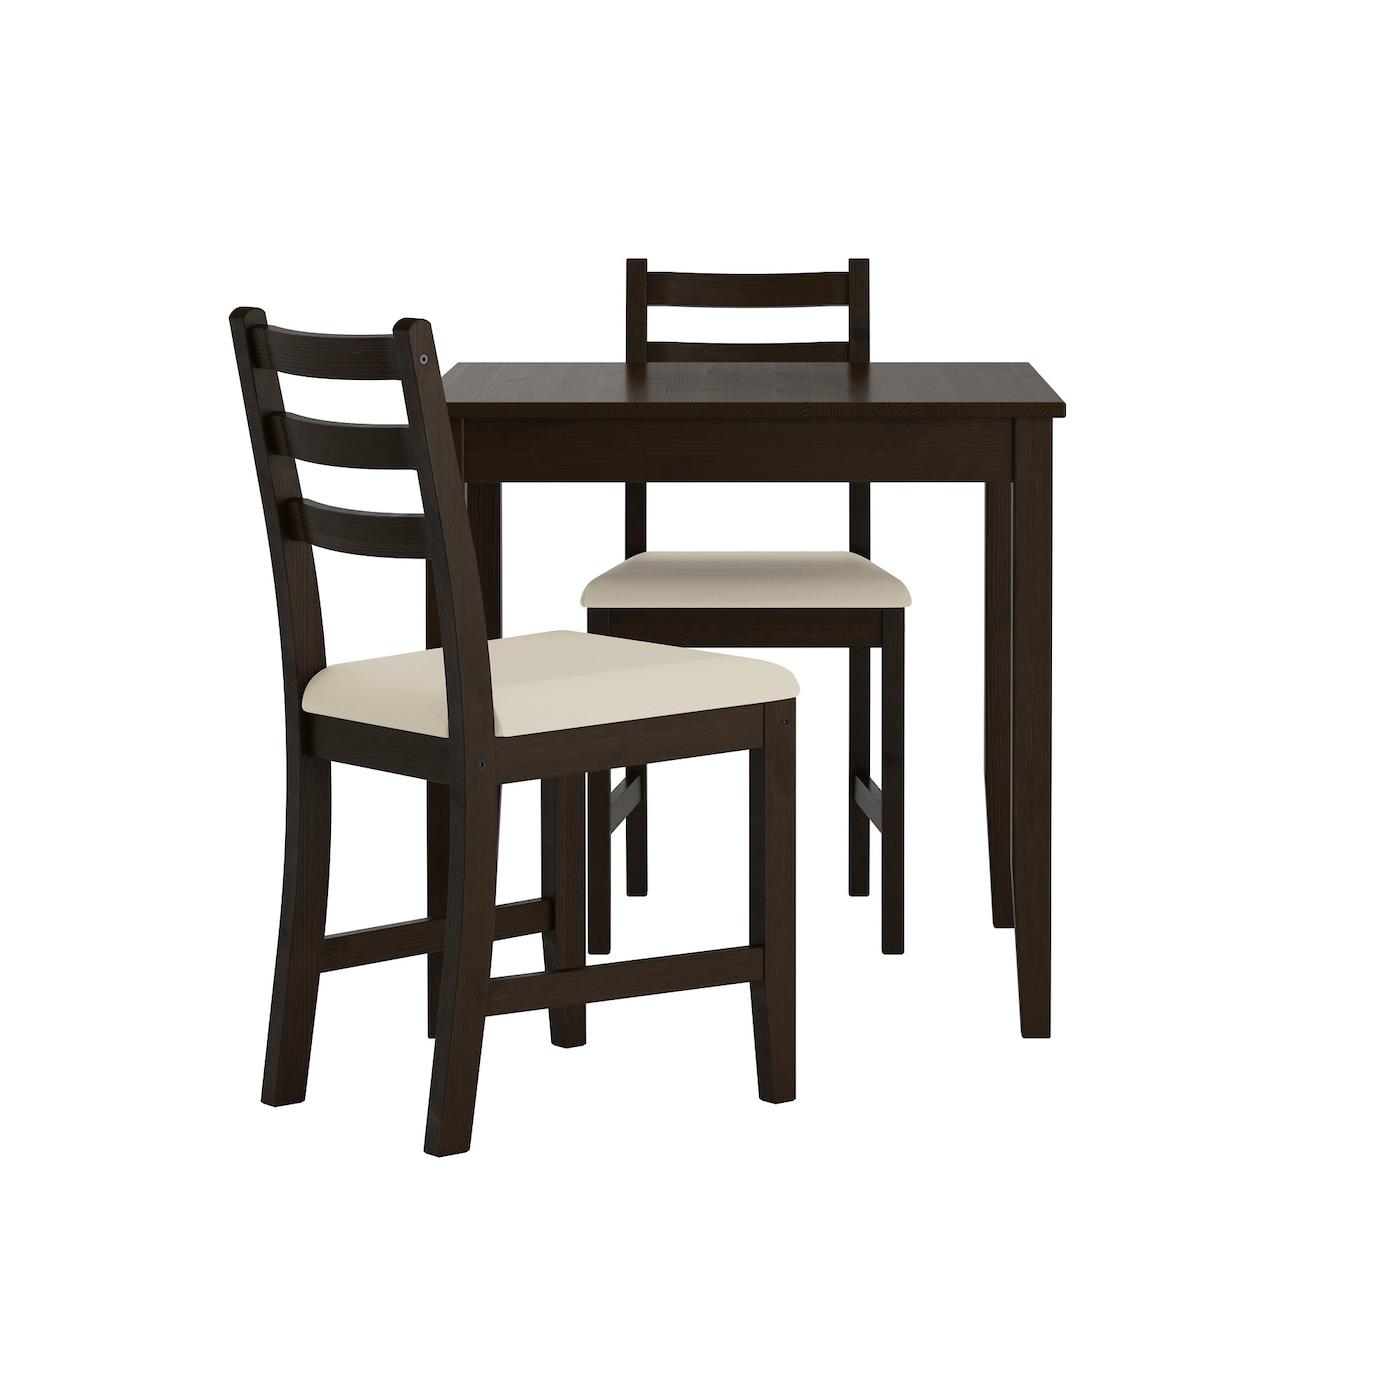 IKEA LERHAMN Stół i 2 krzesła, czarnybrąz, Vittaryd beżowy, 74x74 cm